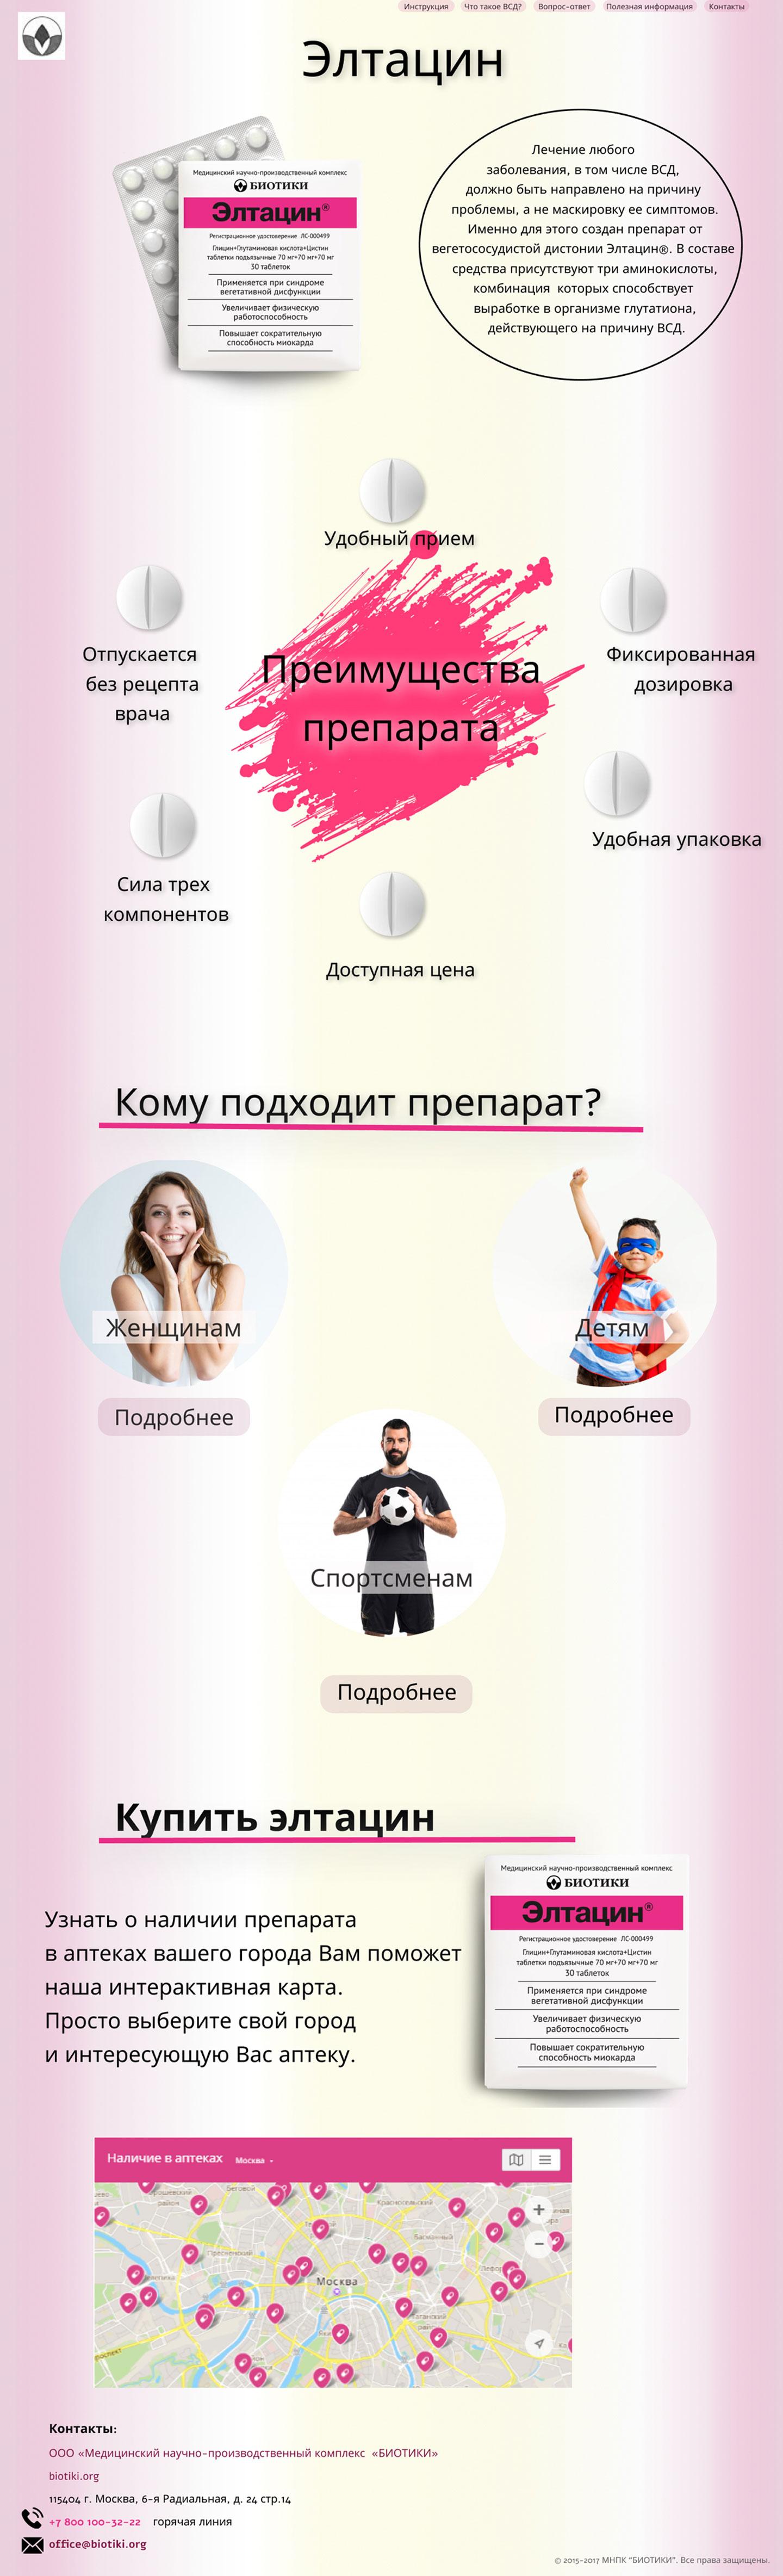 Дизайн главной страницы сайта лекарственного препарата фото f_1875c9285928ac95.jpg